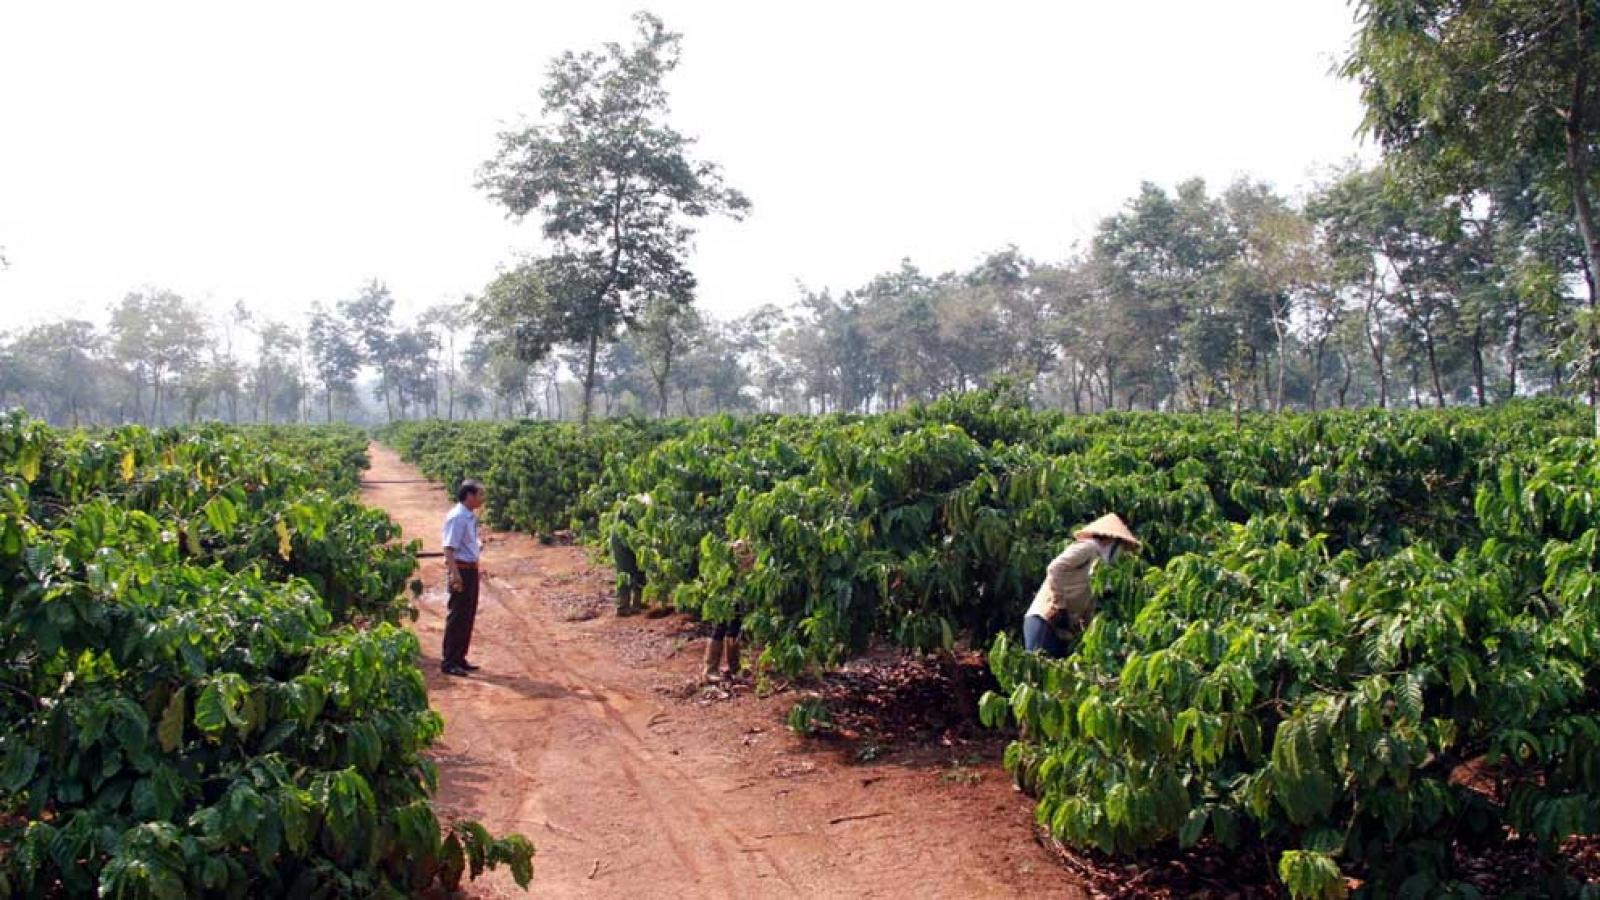 Cải thiện thu nhập từ cà phê chỉ bằng con đường chất lượng